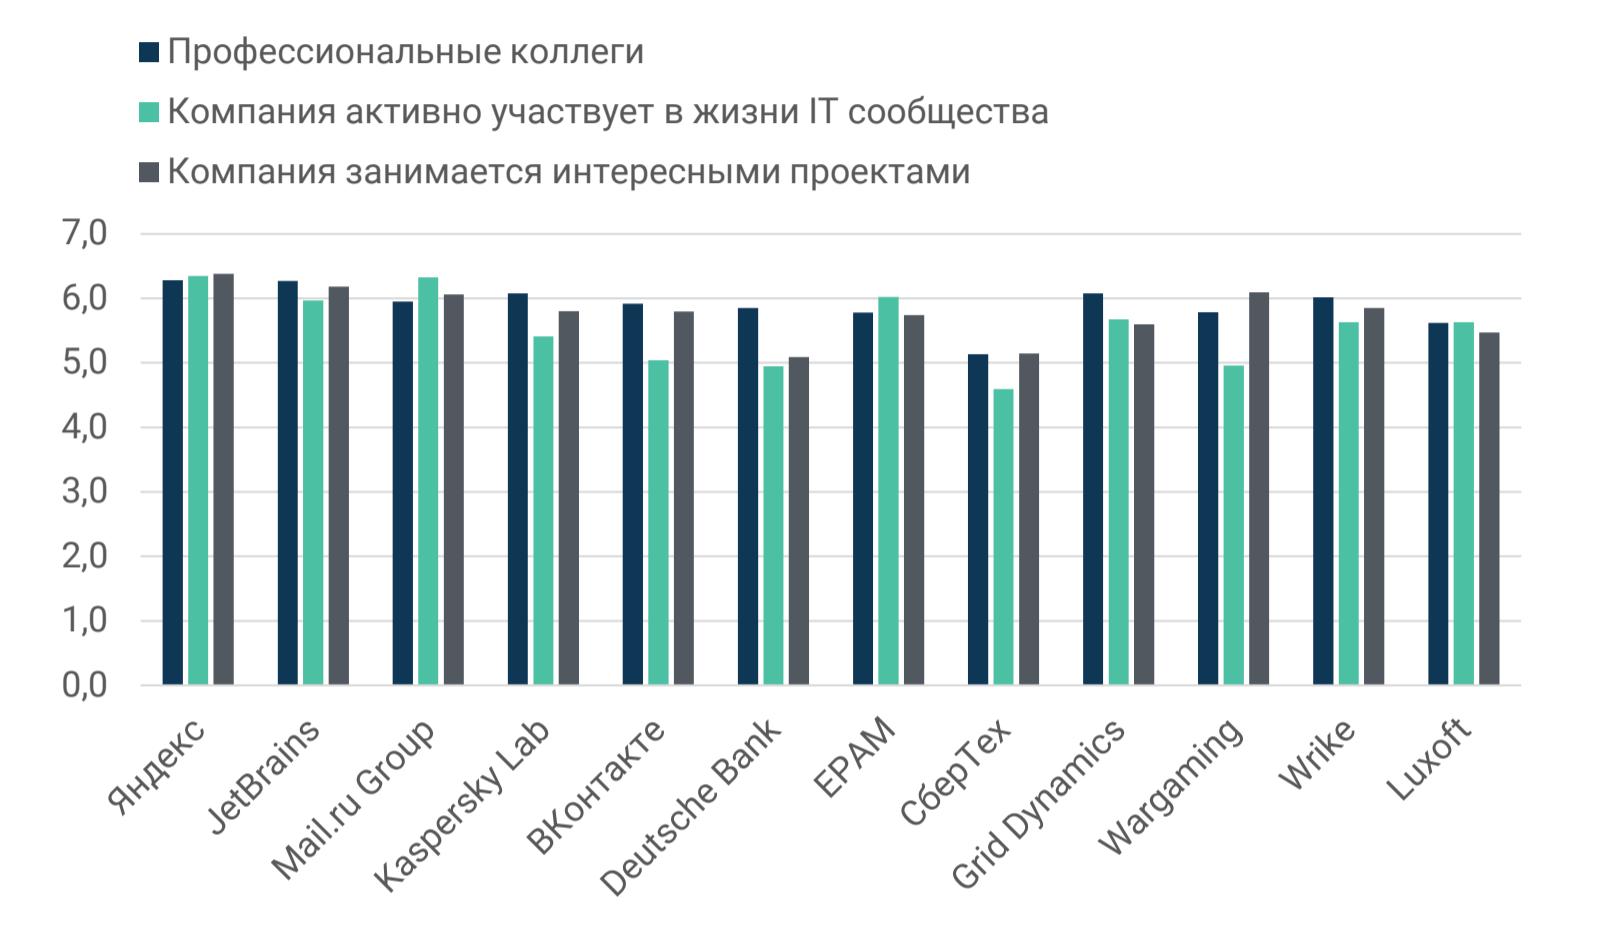 Рейтинг ИТ-работодателей Санкт-Петербурга и Москвы: результаты опроса разработчиков - 6